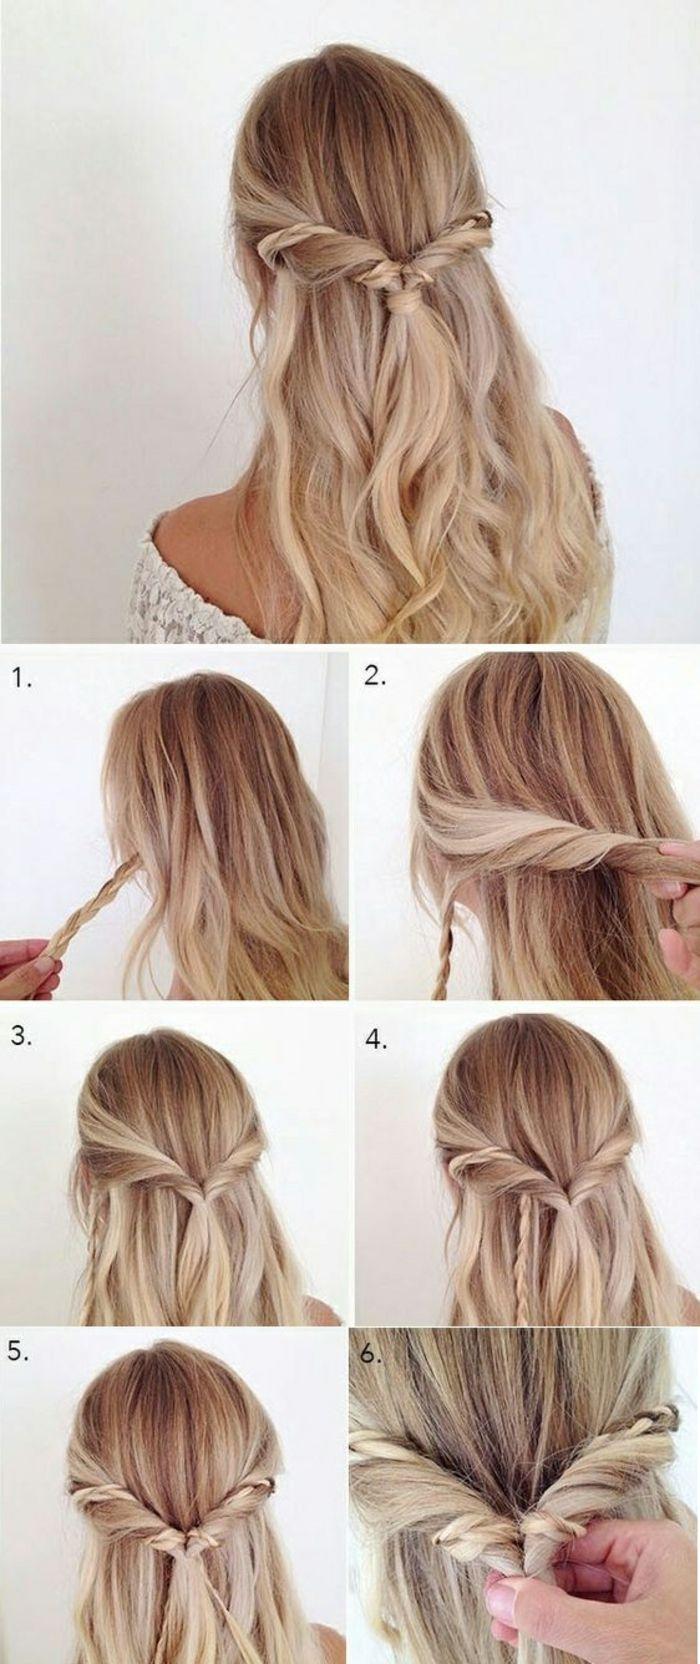 Frau Mit Blonden Haaren Und Schoner Flechtfrisur Leichte Frisuren Lange Haare Haare Einfach Flechten Frisur Hochgesteckt